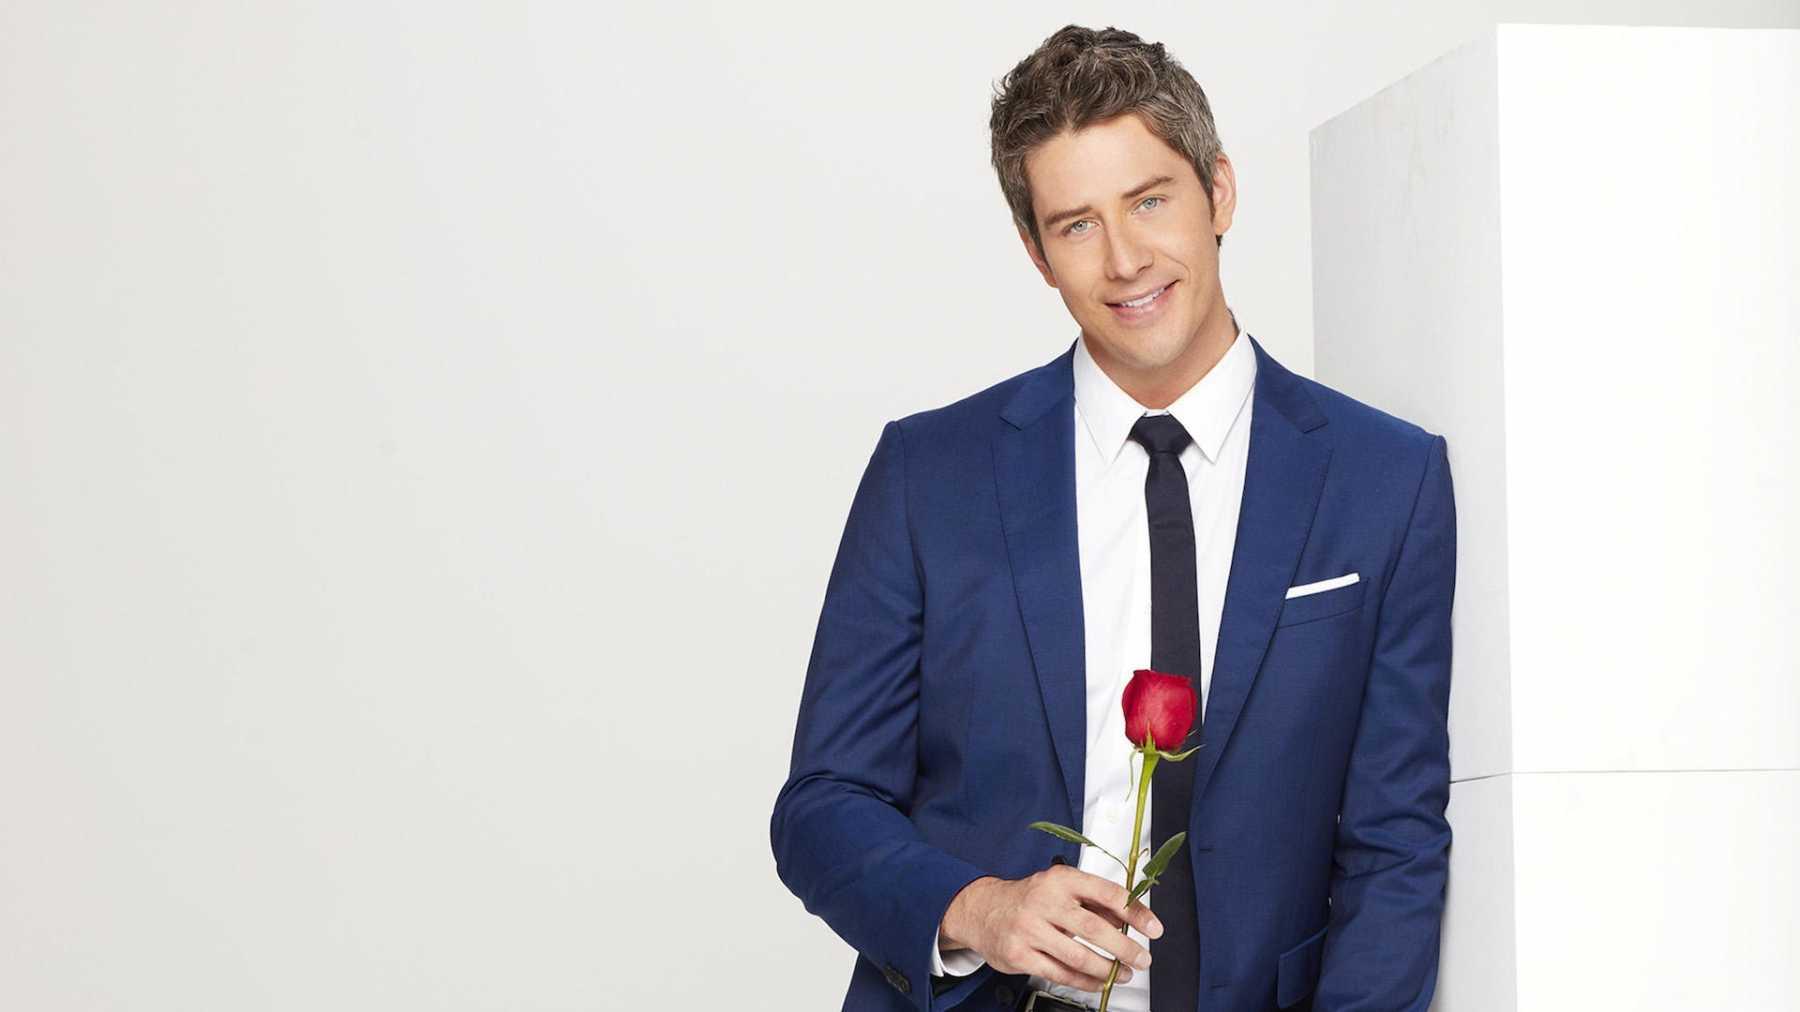 The Bachelor Returns to ABC   Bachelor Returns